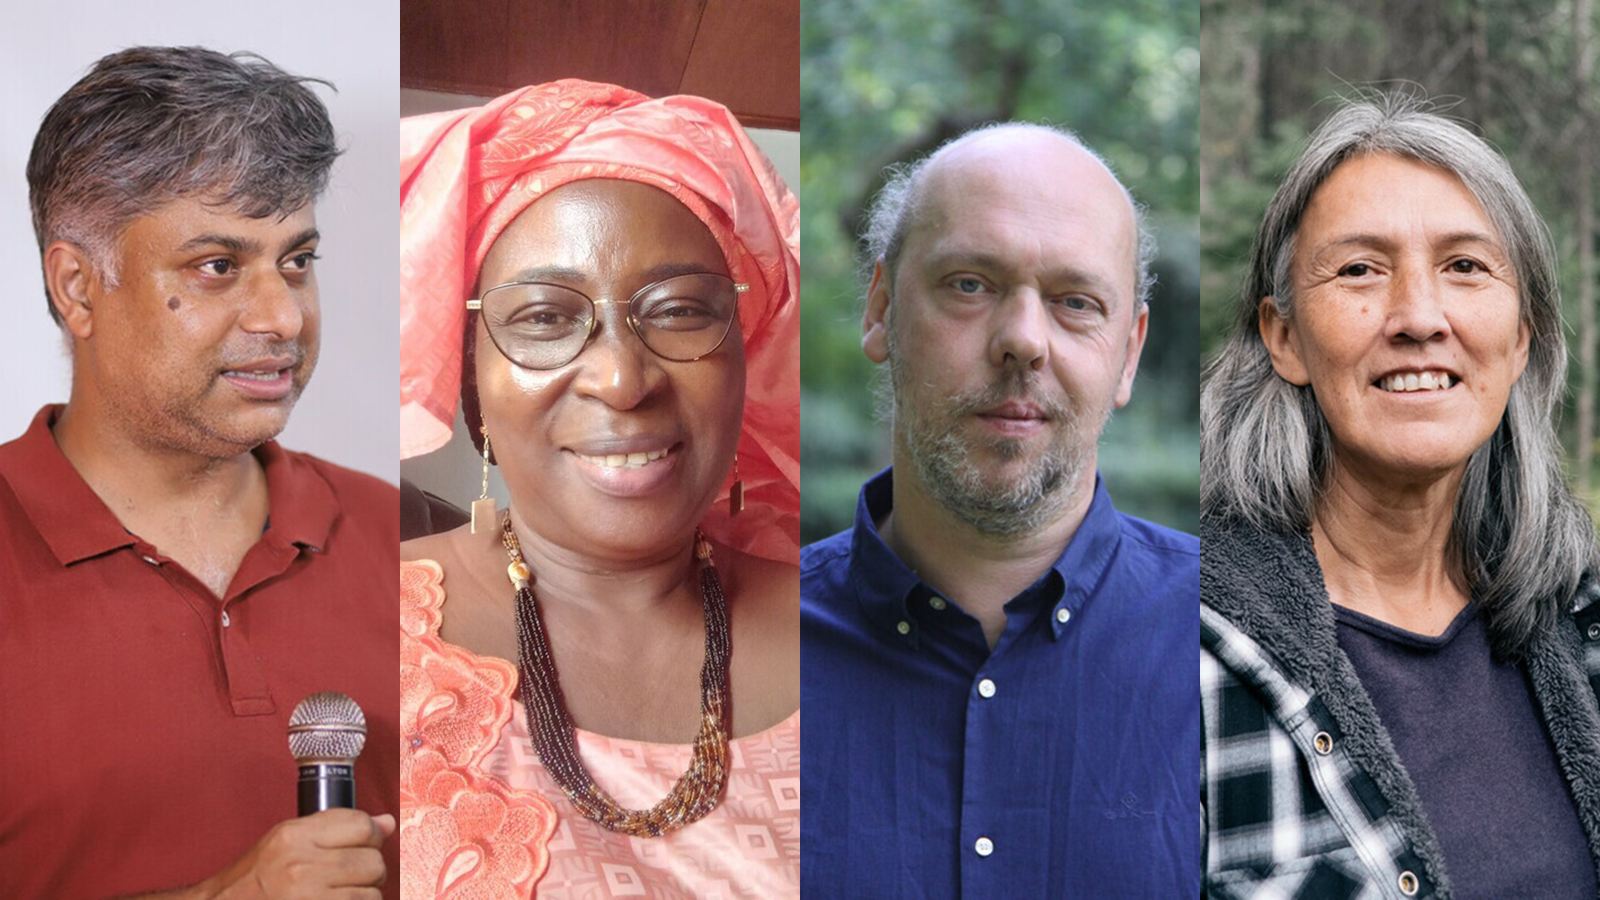 Organisationen LIFE, Marthe Wandou från Kamerun, ryske miljöaktivisten Vladimir Slivjak och urfolksledaren Freda Huson från Kanada är pristagarna i år.